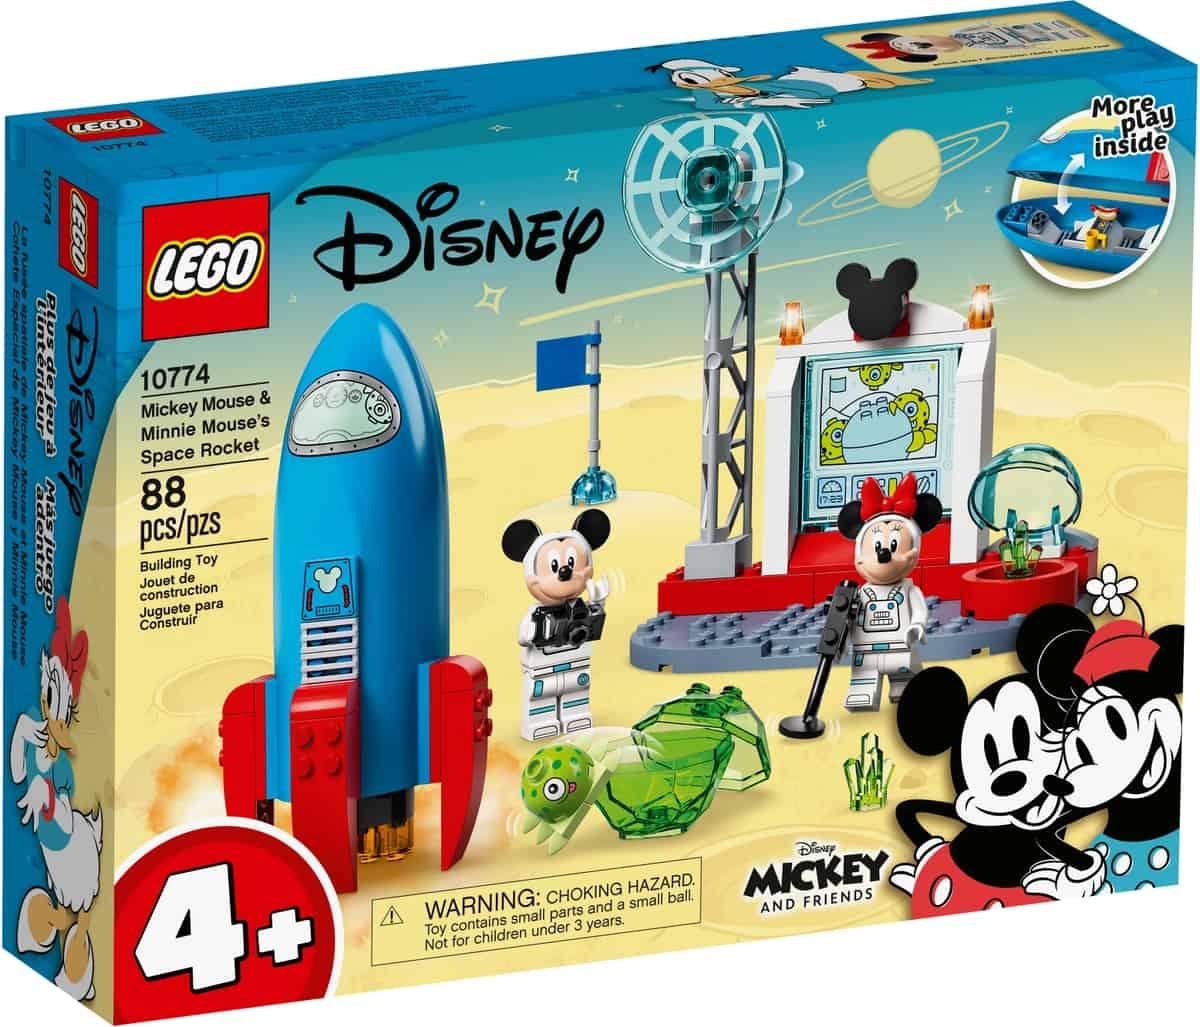 lego 10774 mickey mouse minnie mouse ruimteraket